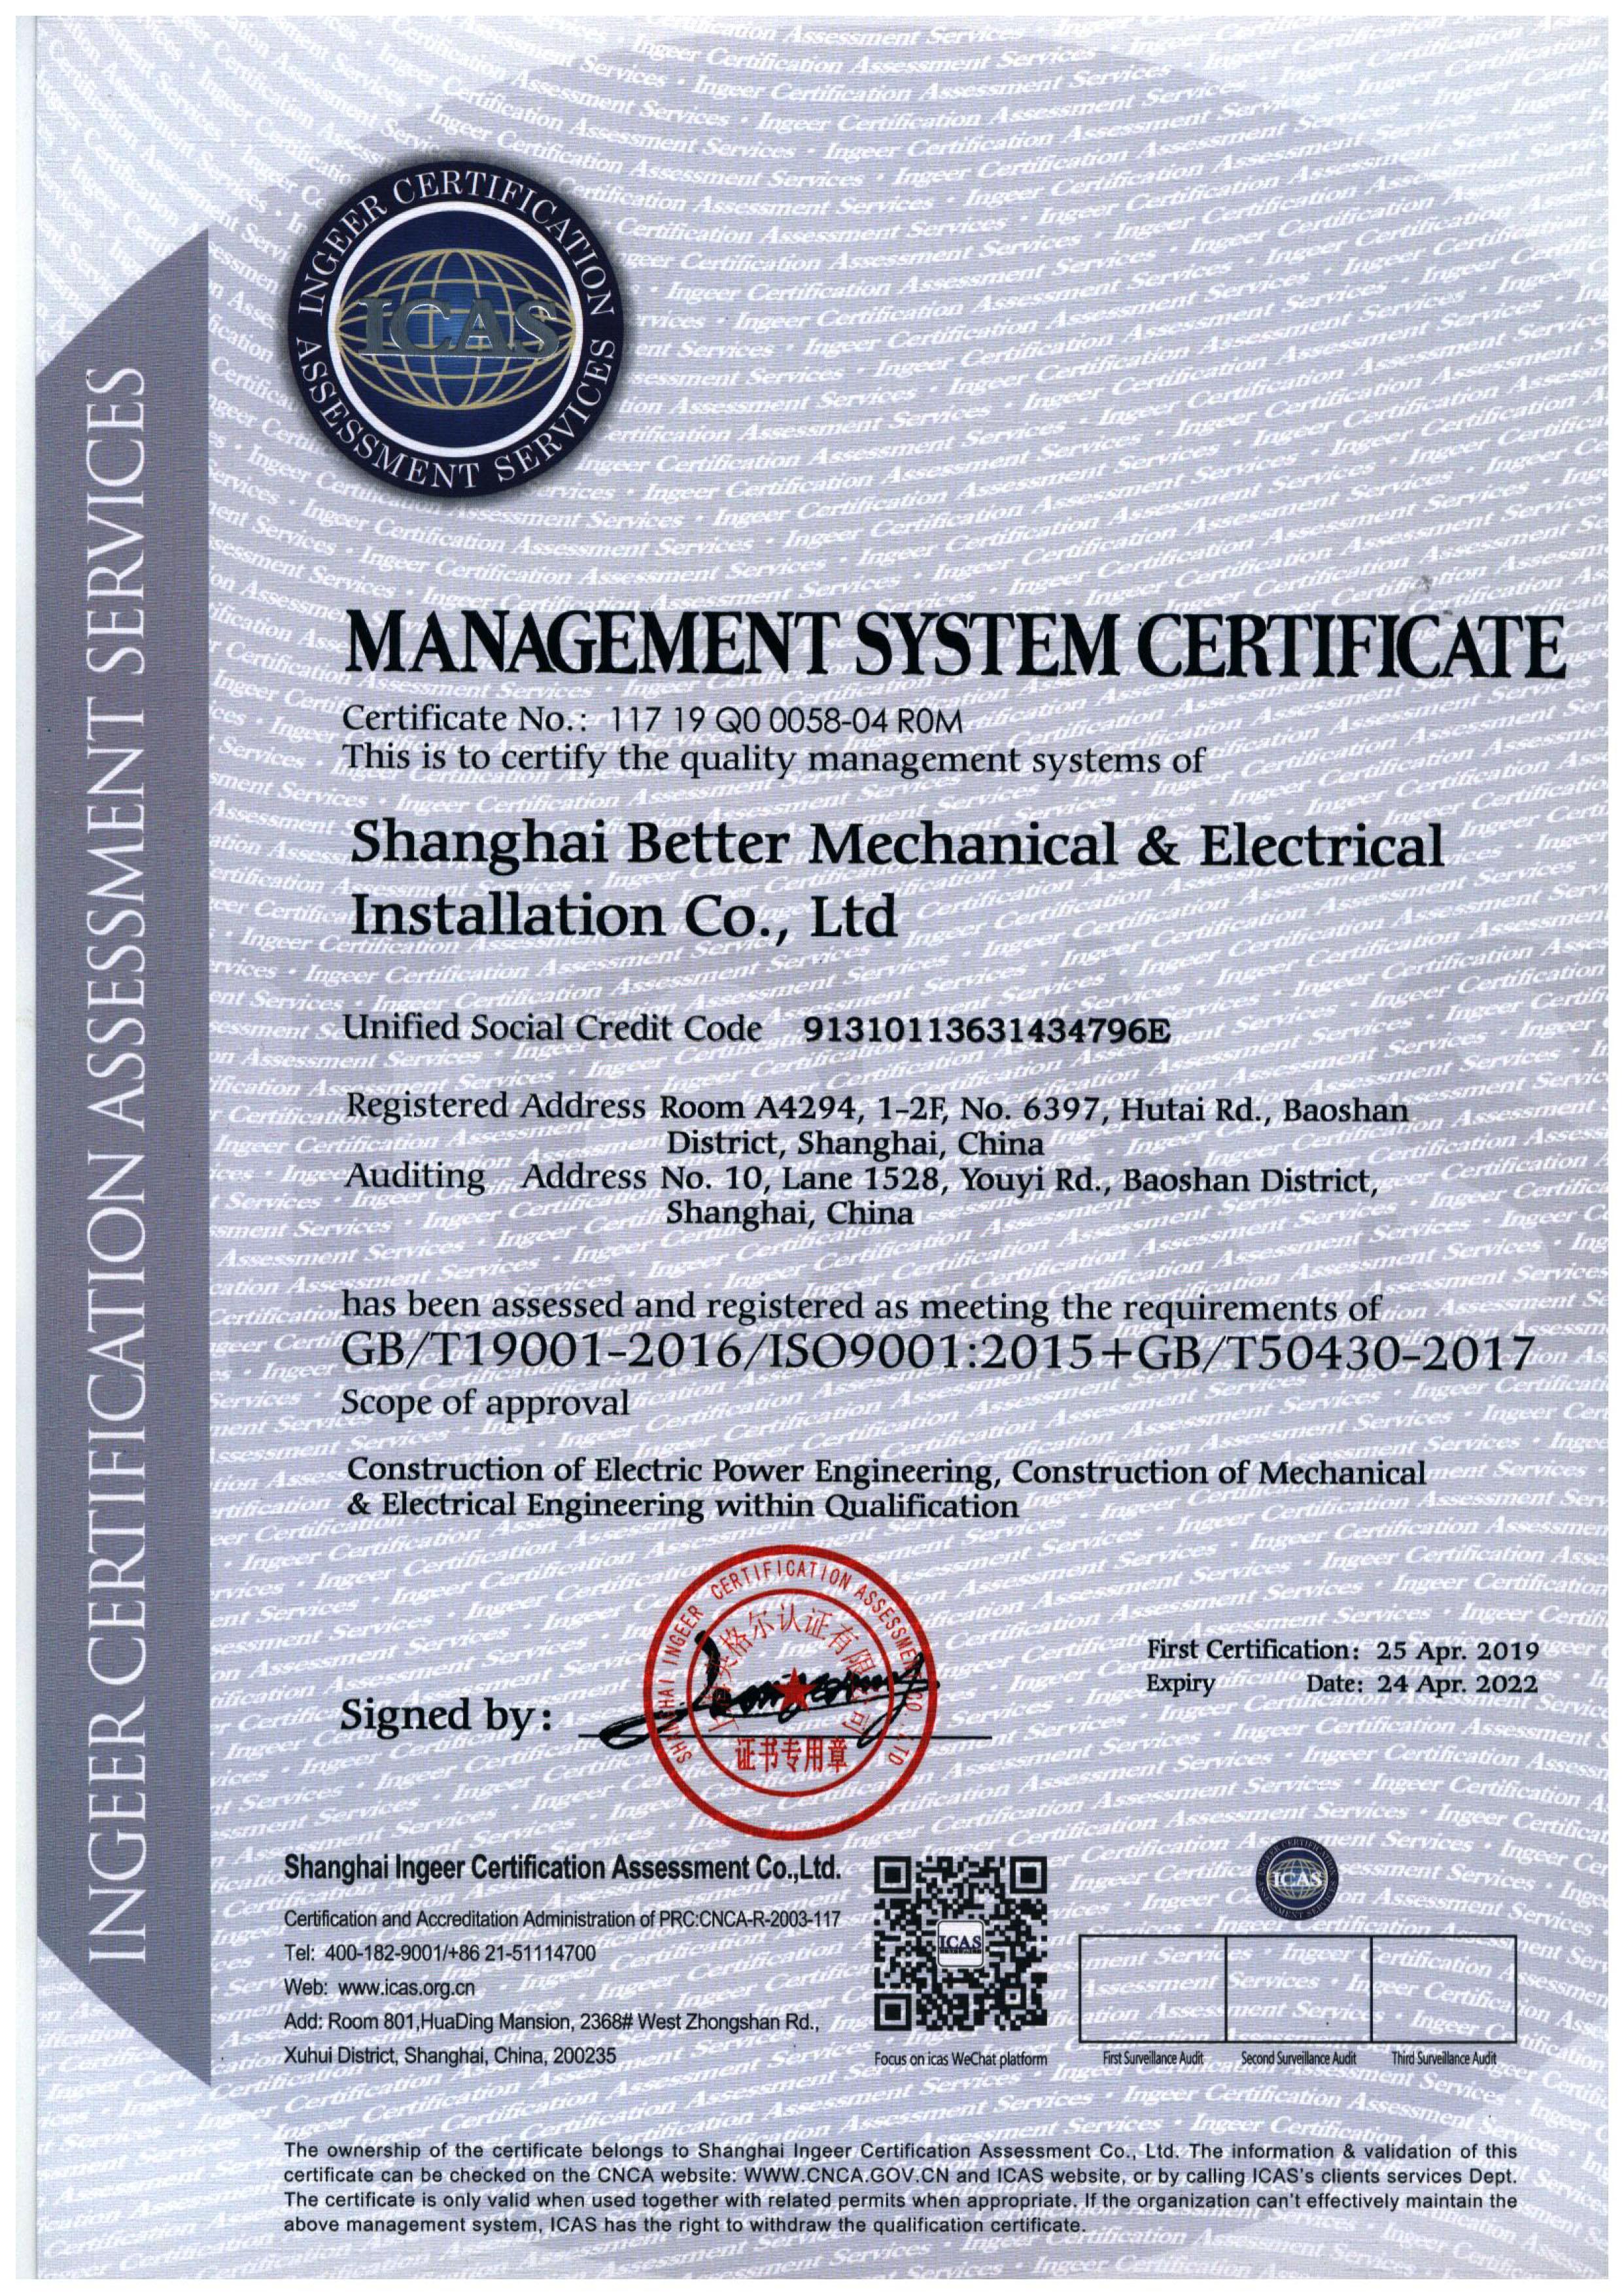 管理体系证书-工程建设施工-2